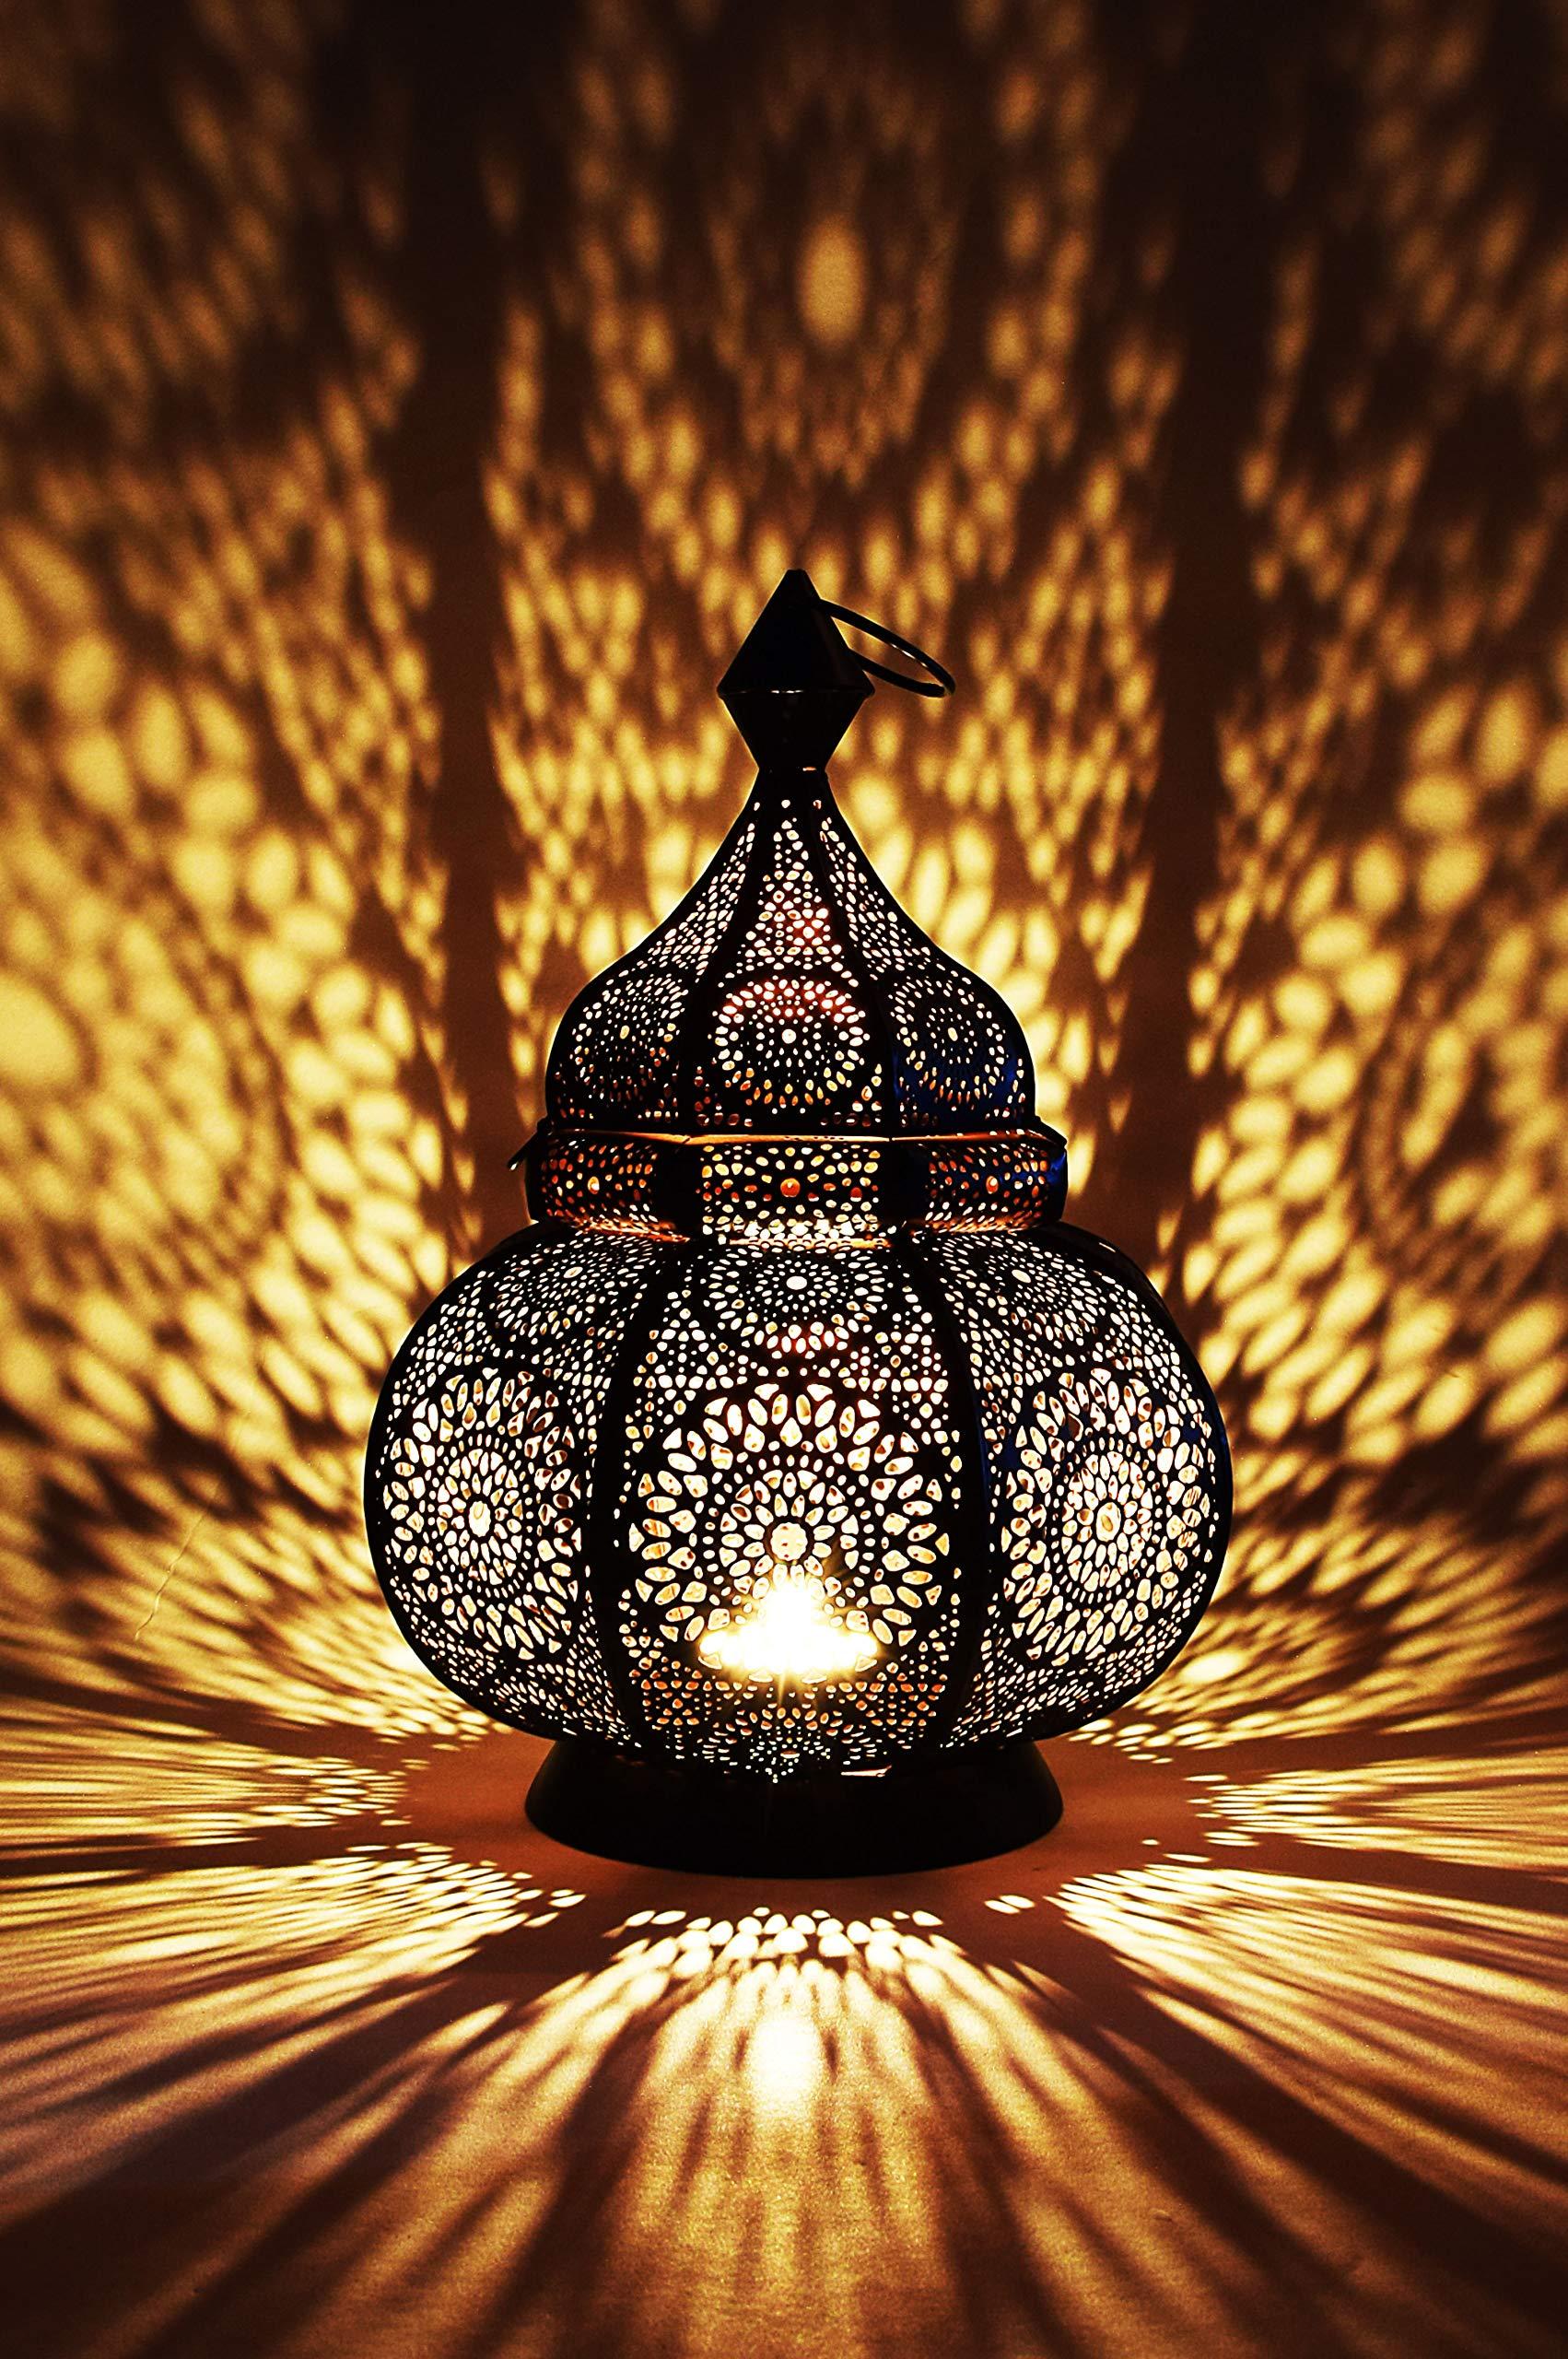 Petite Lanterne marocaine en métal Ziva 30cm noir   Photophore marocain pour l'extérieur au jardin ou l'intérieur sur la table   Lanternes pour bougie   décoration de maison orientale product image